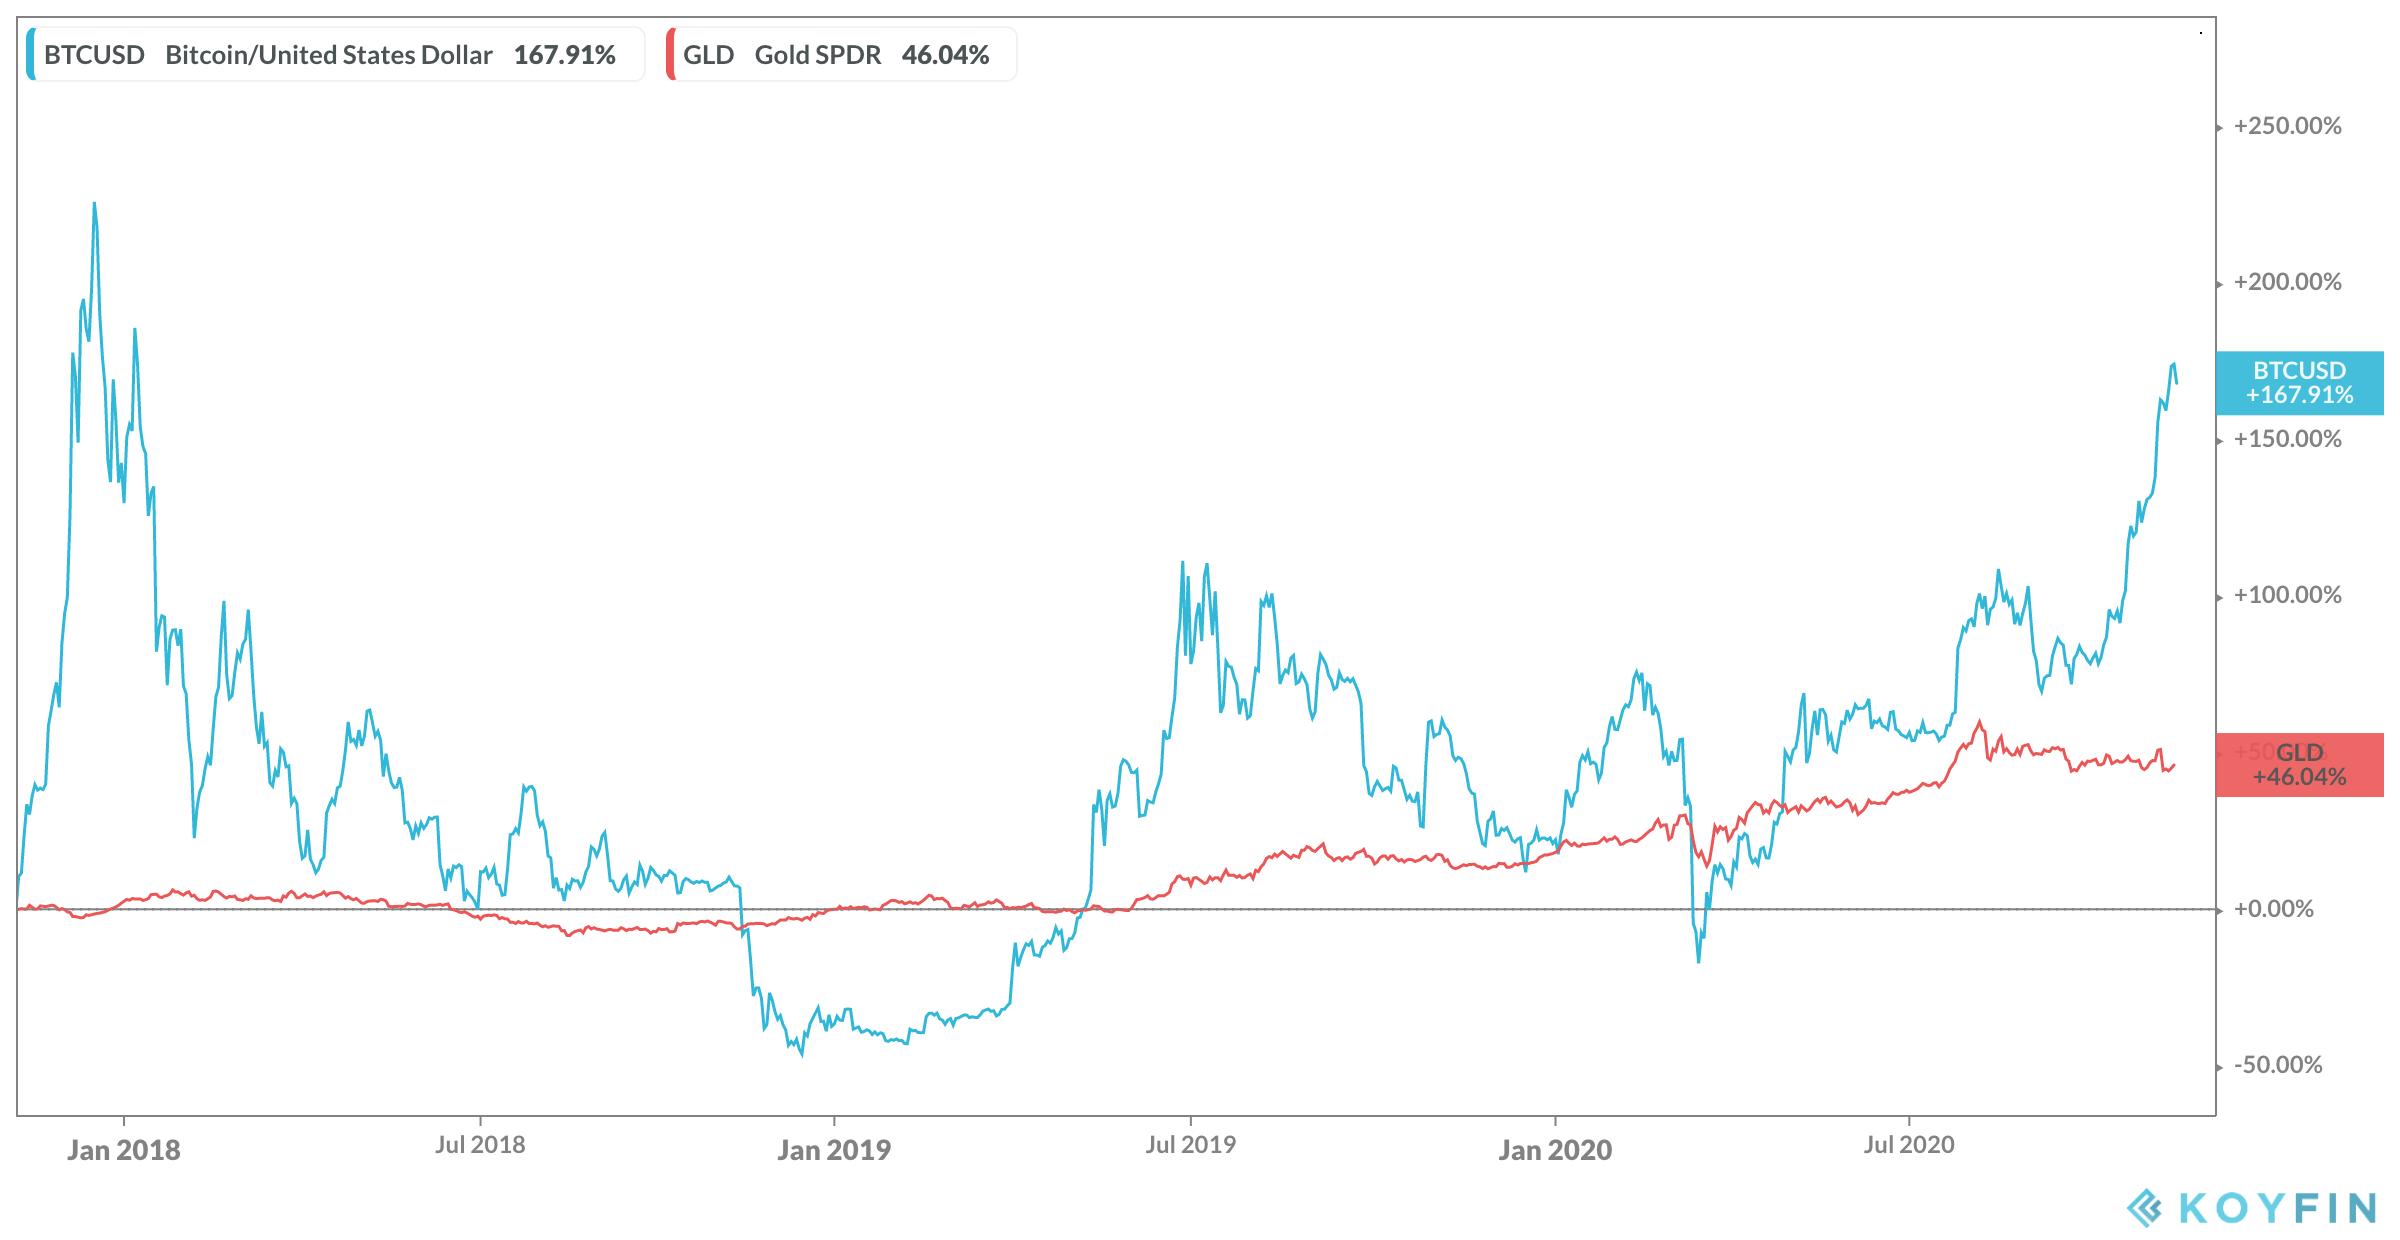 Bitcoins price vs gold